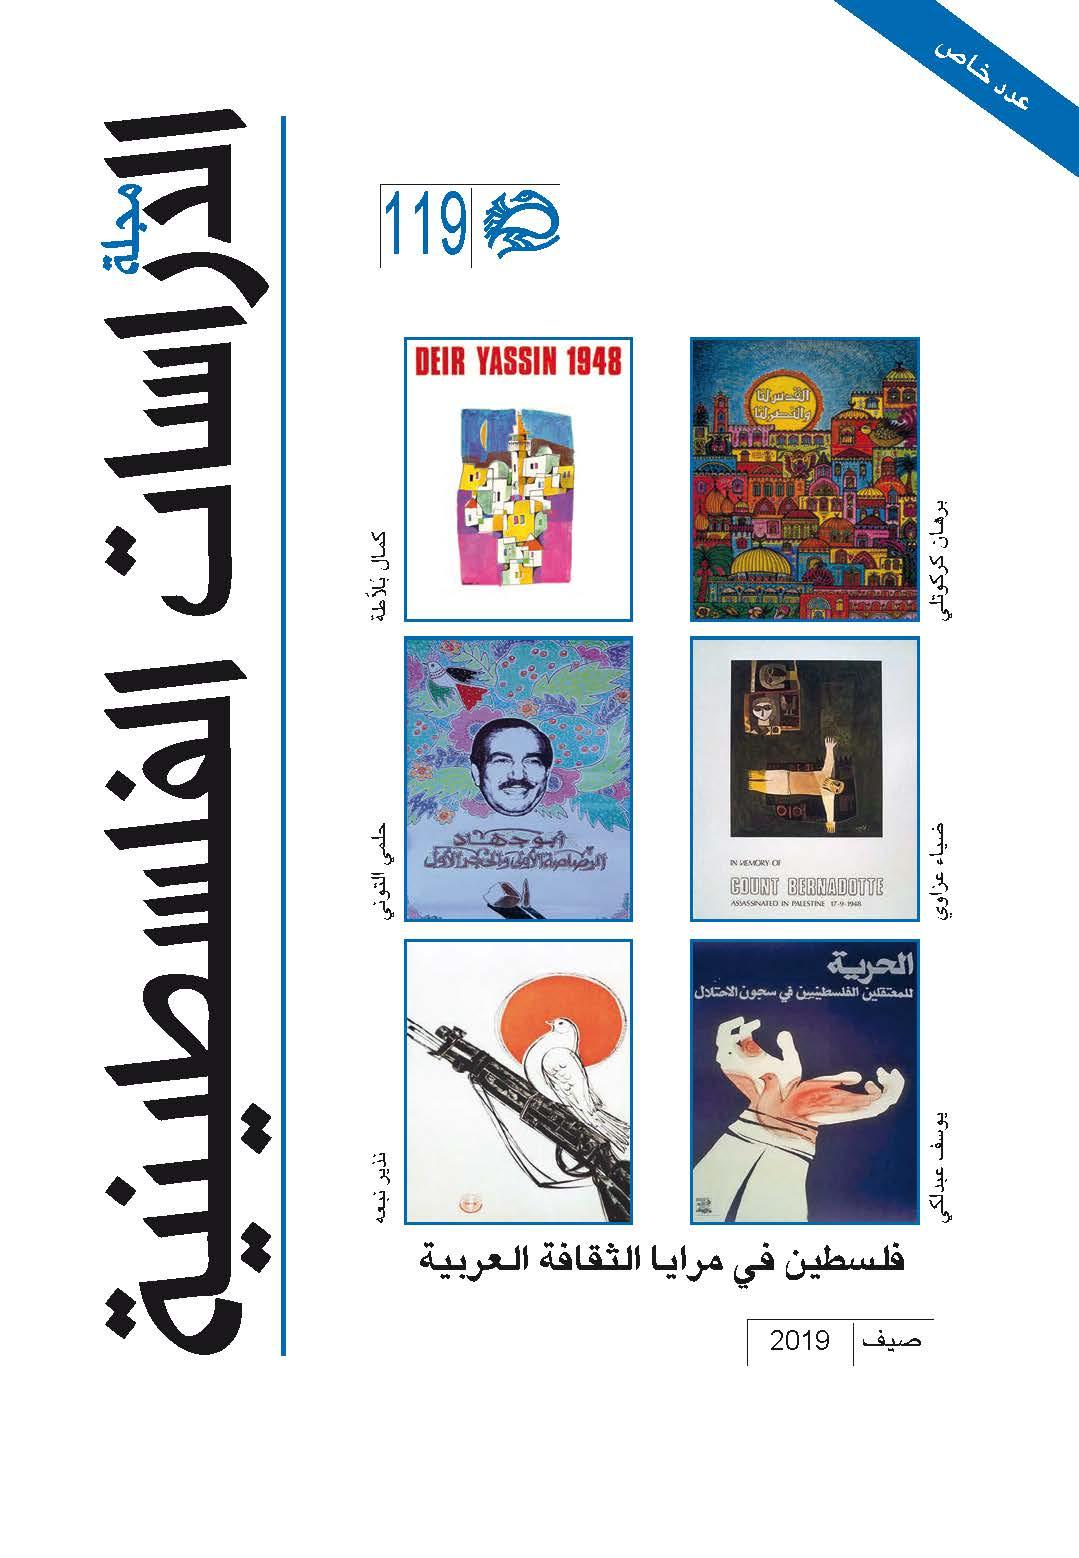 """""""فلسطين في مرايا الثقافة العربية"""": العدد الأخير من مجلة الدراسات الفلسطينية"""